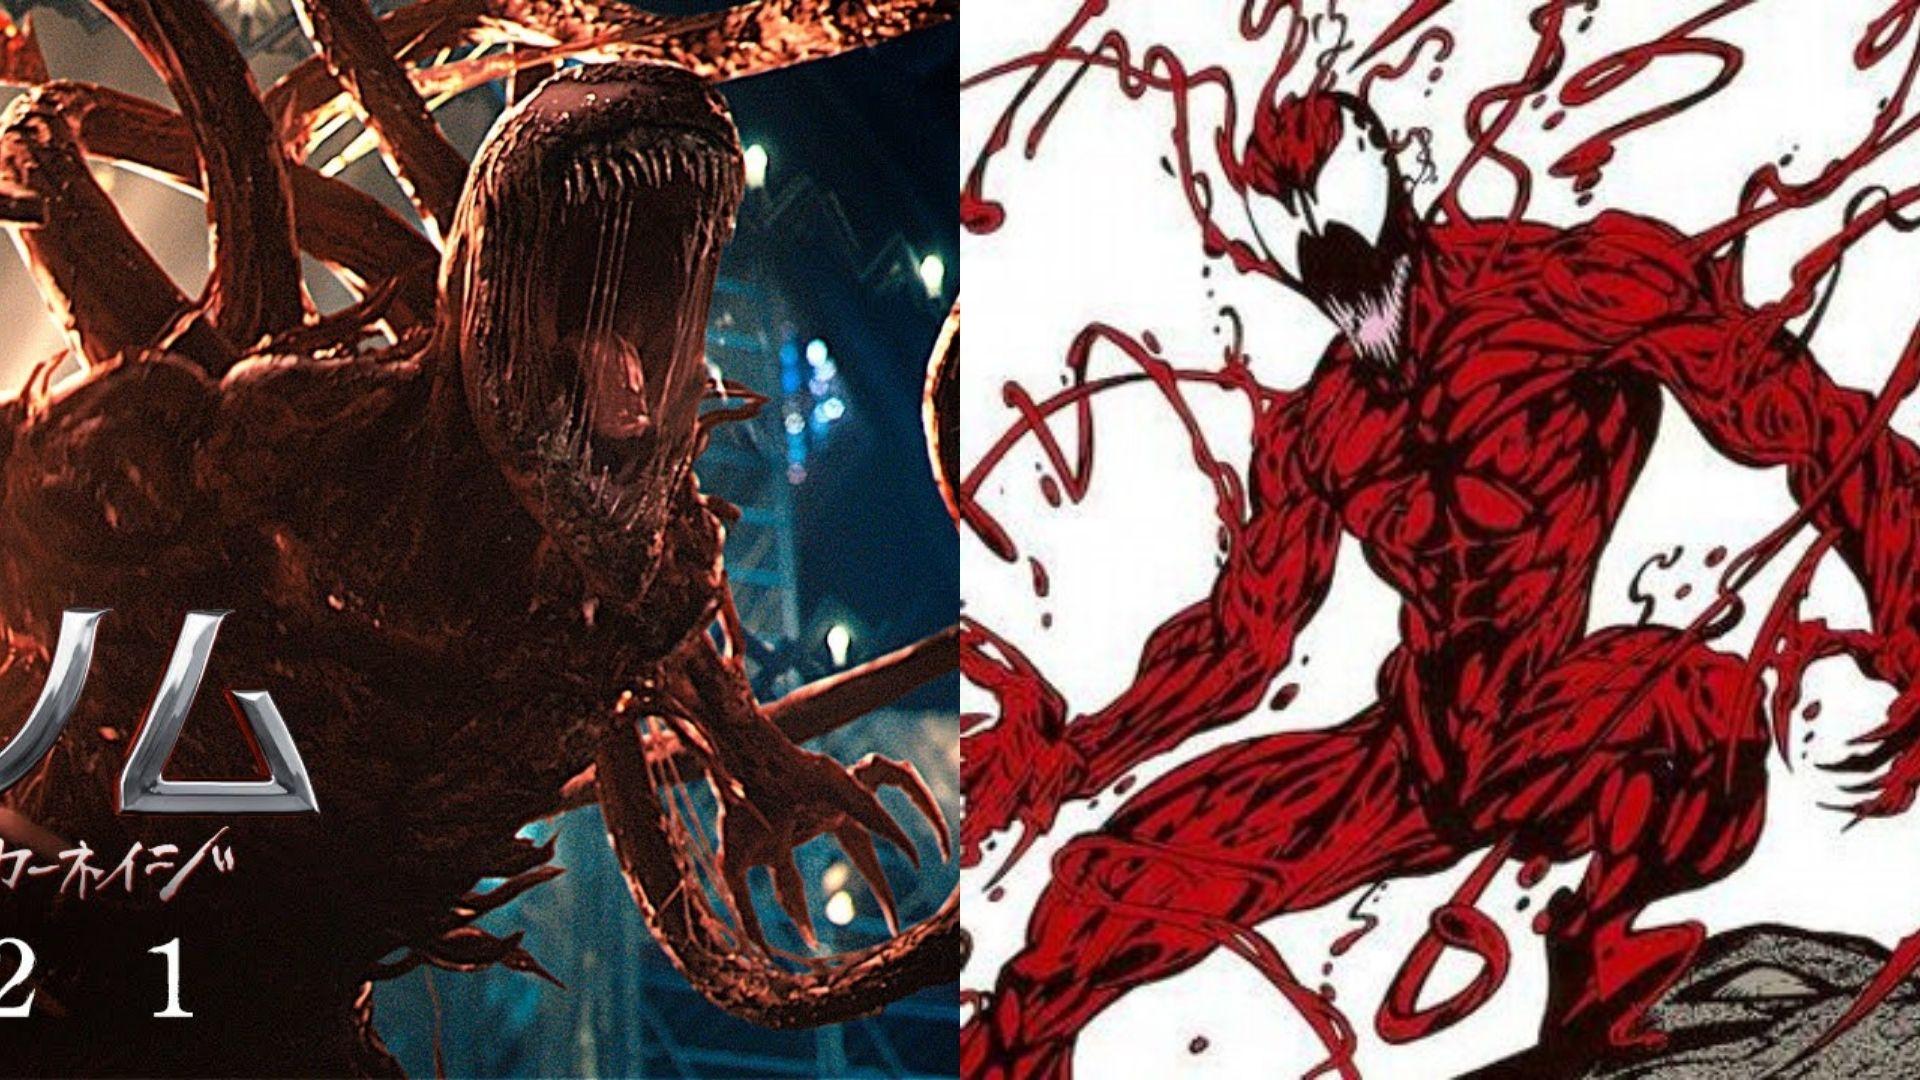 【スパイダーマン】カーネイジの強さ・能力について解説!【マーベル原作】